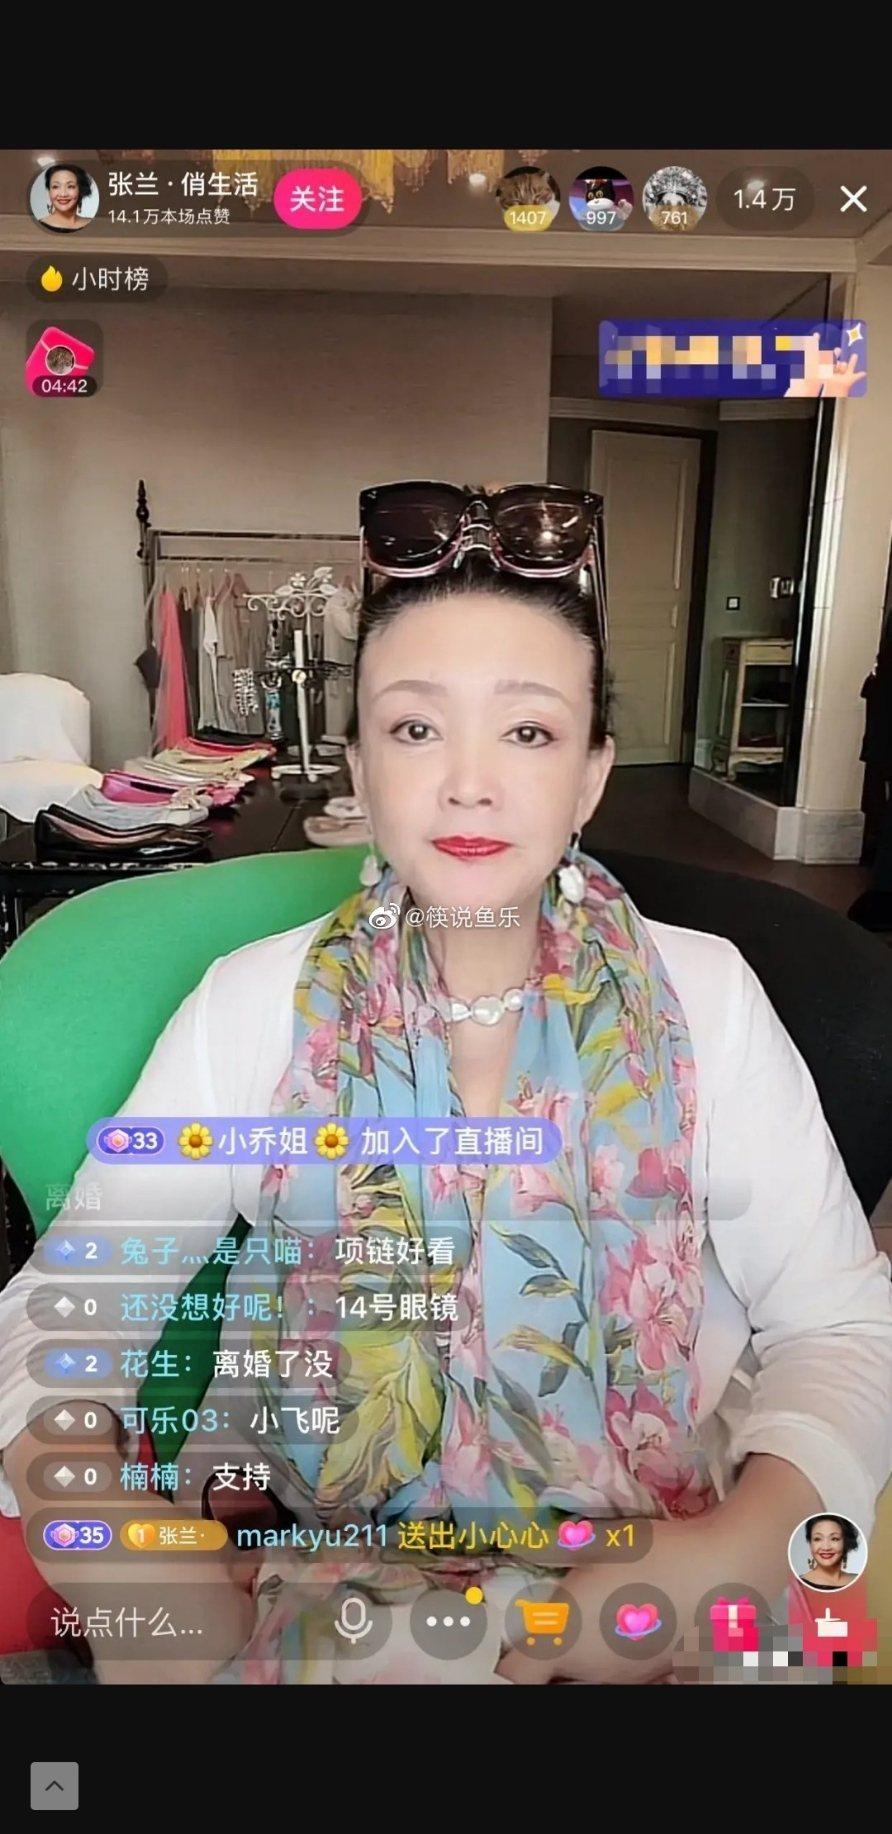 張蘭昨晚直播帶貨,並回應網友提問。圖/摘自微博